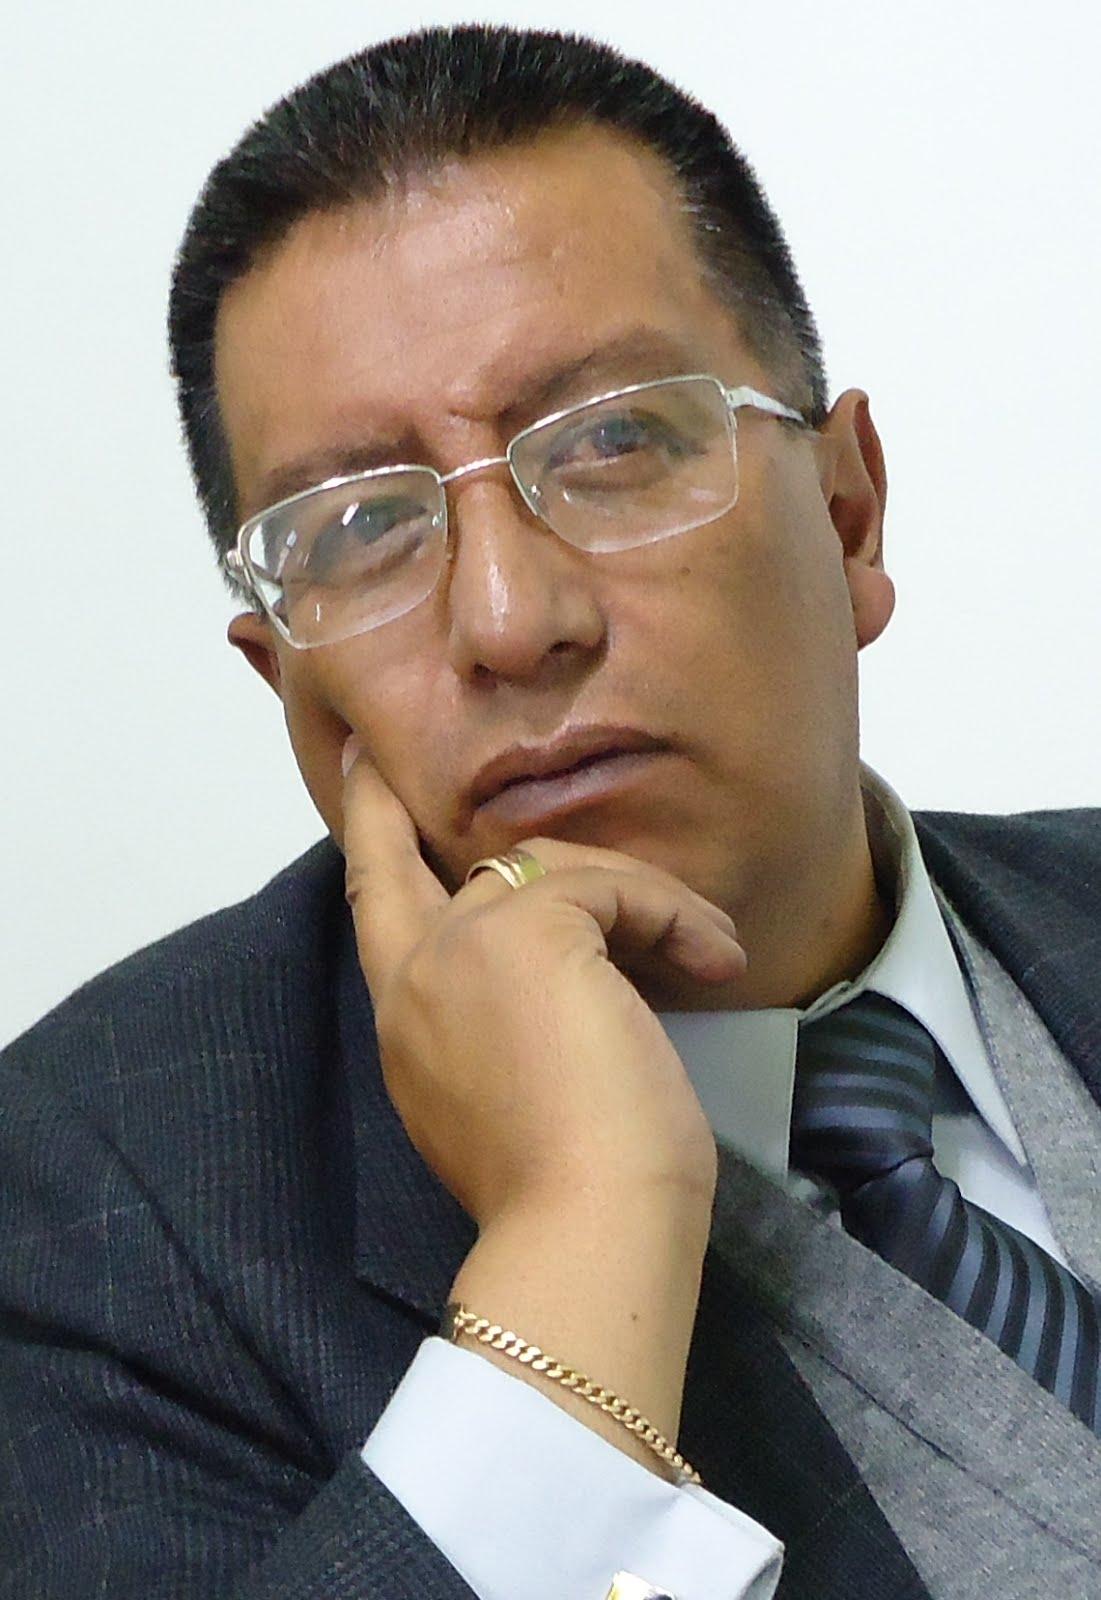 Pablo ARANDA MANRIQUE